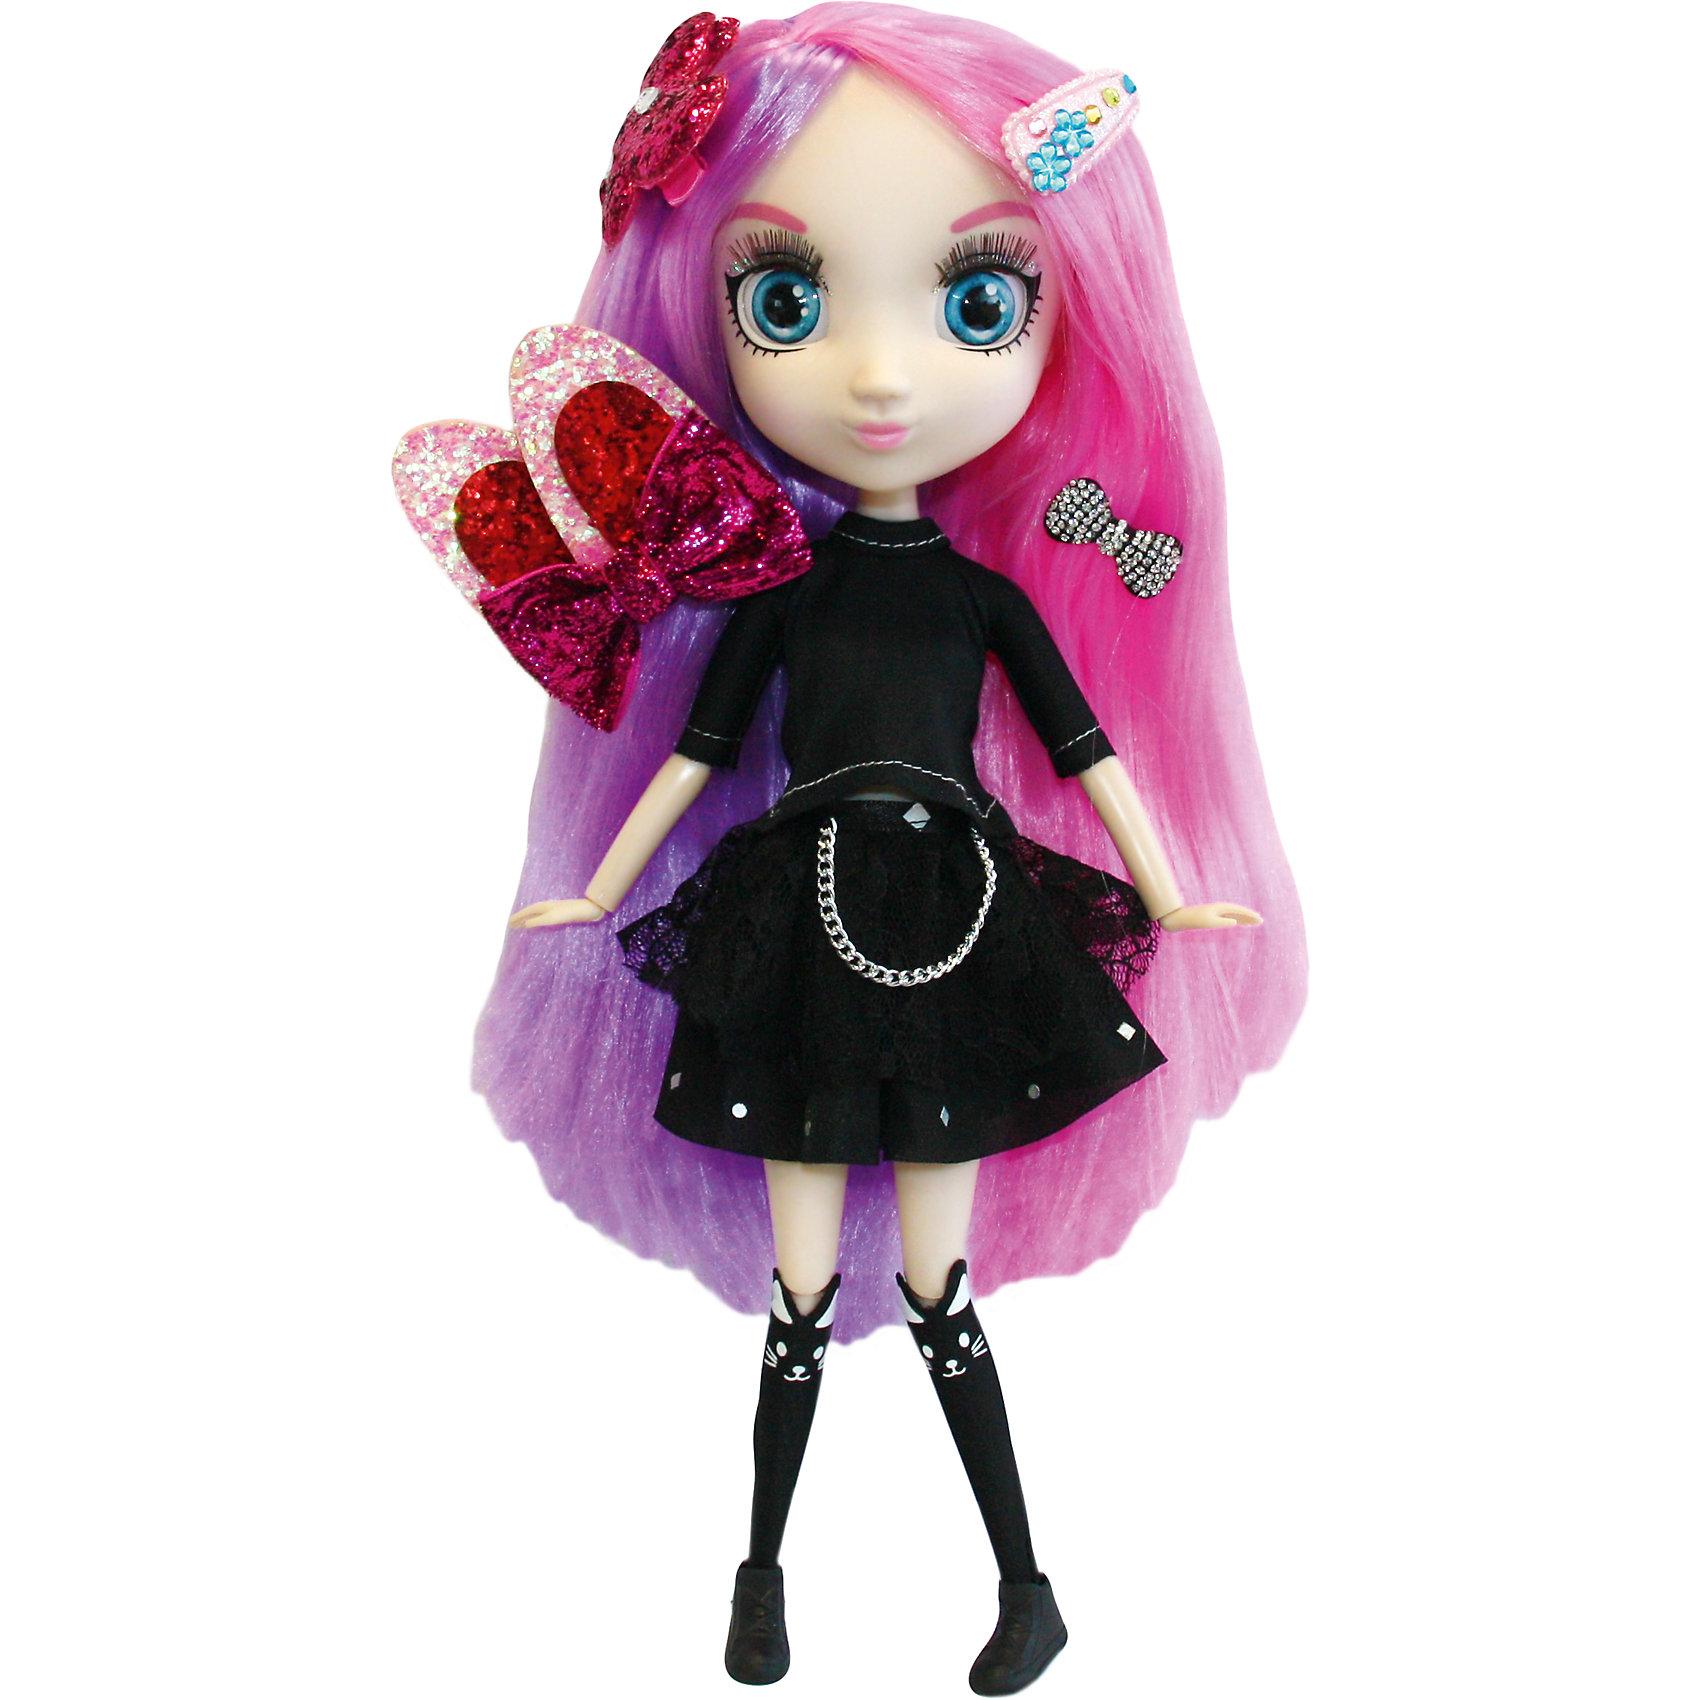 Кукла Йоко, 33см, Шибадзуку ГерлзБренды кукол<br>Кукла Йоко, 33см, Шибадзуку Герлз<br><br>Характеристики:<br><br>• модная кукла с реалистичными глазами<br>• длинные ресницы<br>• длинные густые волосы<br>• в комплекте: кукла, заколки, аксессуары<br>• высота куклы: 33 см<br>• материал: пластик, текстиль<br>• размер упаковки: 20,6х38,1х10,2 см<br>• вес: 600 грамм<br><br>Шибадзуку Герлз - куклы, поражающие своей красотой и реалистичностью. У них широкие глаза с пышными ресницами и длинные густые волосы. Руки и ноги кукол подвижны. Йоко очень увлекается мистикой, рок-музыкой и игрой на электро гитаре. Наряд Йоки вполне соответствует ее увлечениям: кукла одета в черное платье с цепью, черные гольфы и черные ботиночки. Яркие розово-лиловые волосы куклы украшены различными заколочками. Вы сможете придумать для Йоко необычную прическу, которая еще больше подчеркнет оригинальность ее образа. <br><br>Куклу Йоко, 33см, Шибадзуку Герлз вы можете купить в нашем интернет-магазине.<br><br>Ширина мм: 102<br>Глубина мм: 381<br>Высота мм: 206<br>Вес г: 600<br>Возраст от месяцев: 36<br>Возраст до месяцев: 2147483647<br>Пол: Женский<br>Возраст: Детский<br>SKU: 5397314